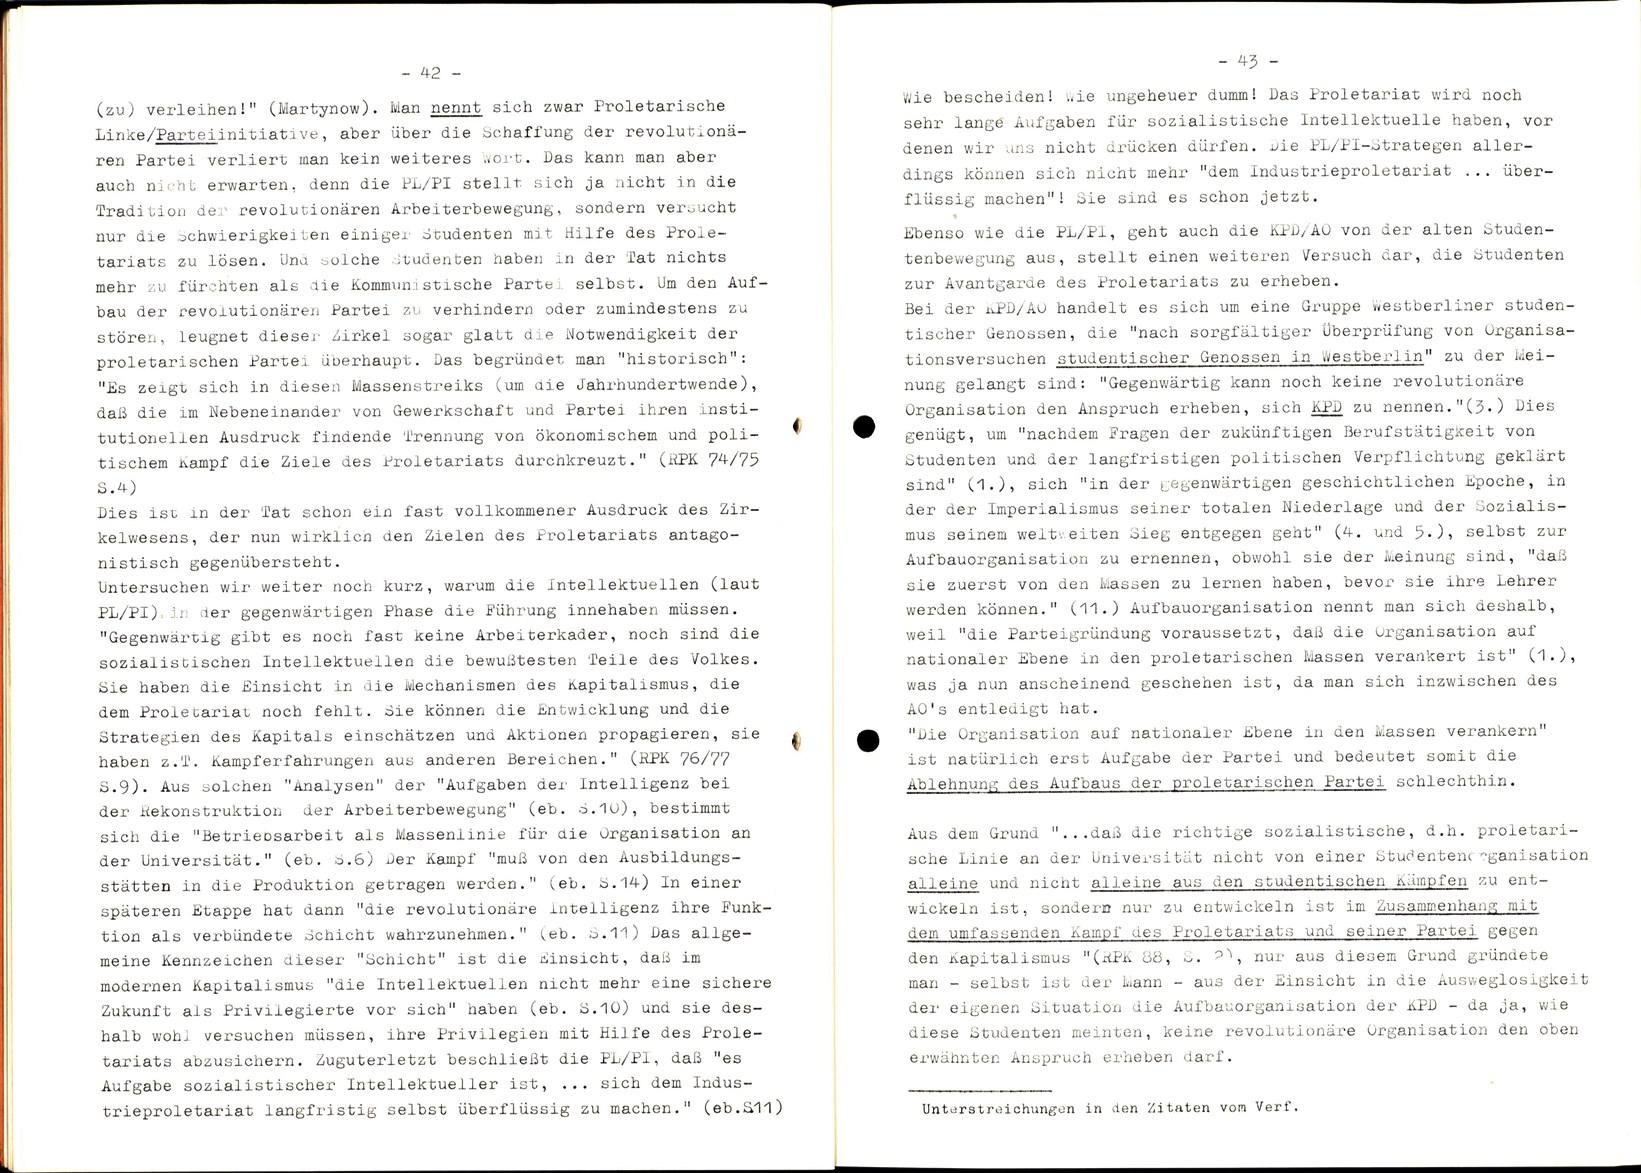 Aachen_KSBML_1971_Selbstkritik_23